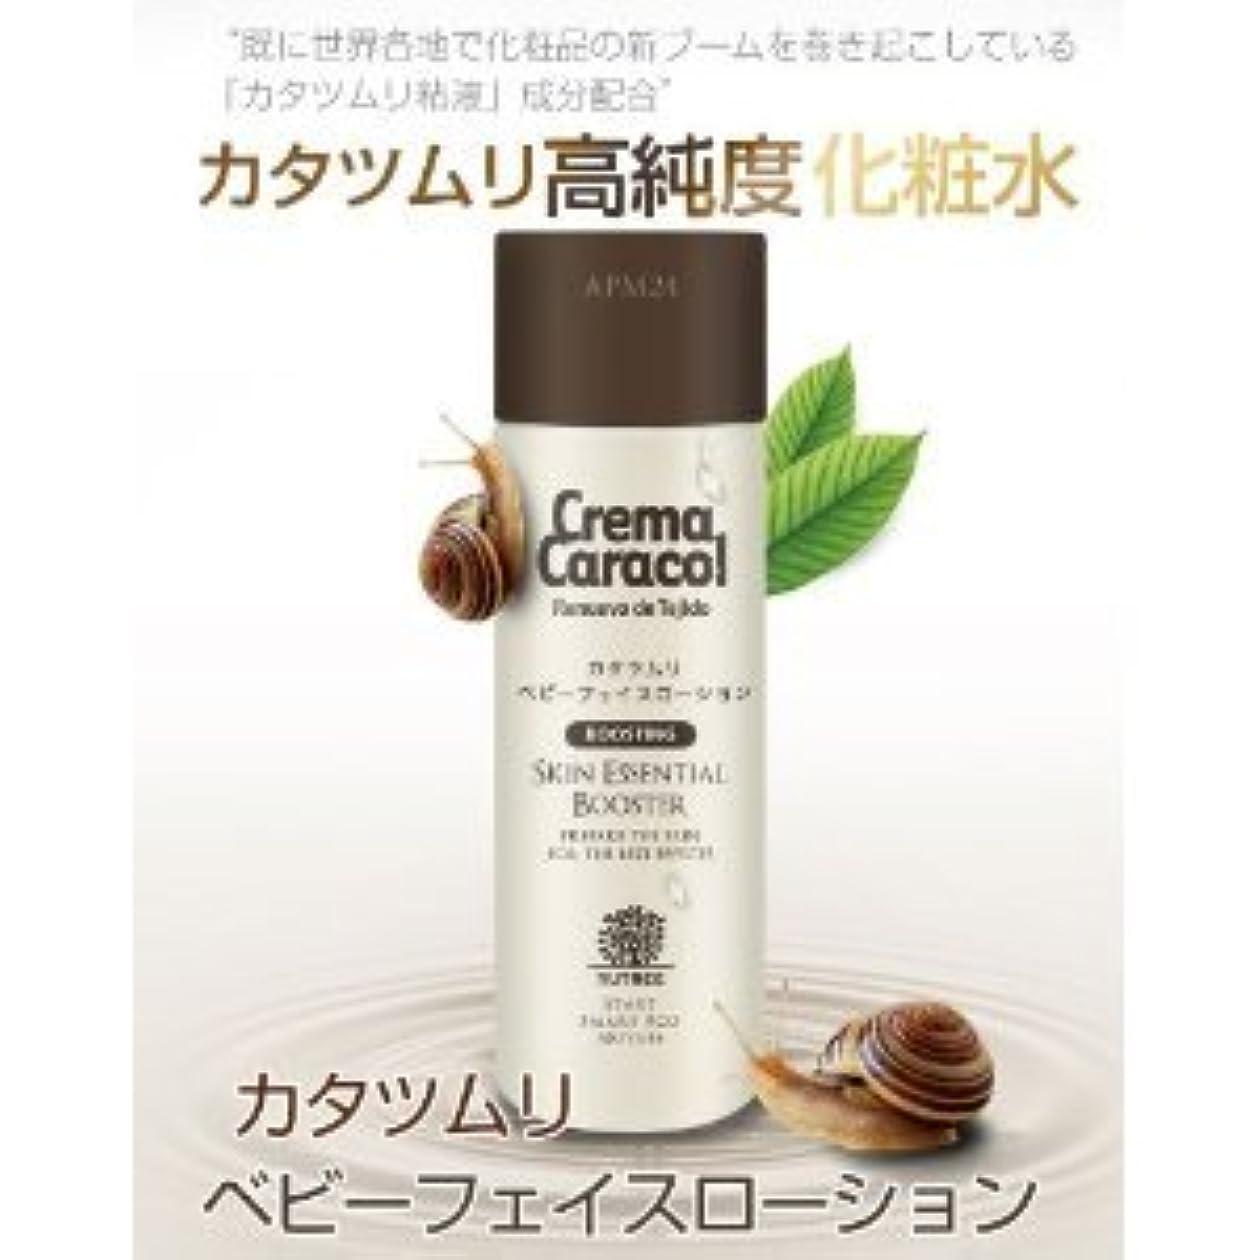 苦痛ラメ毛布crema caracol(カラコール) ローション(化粧水) 5個セット